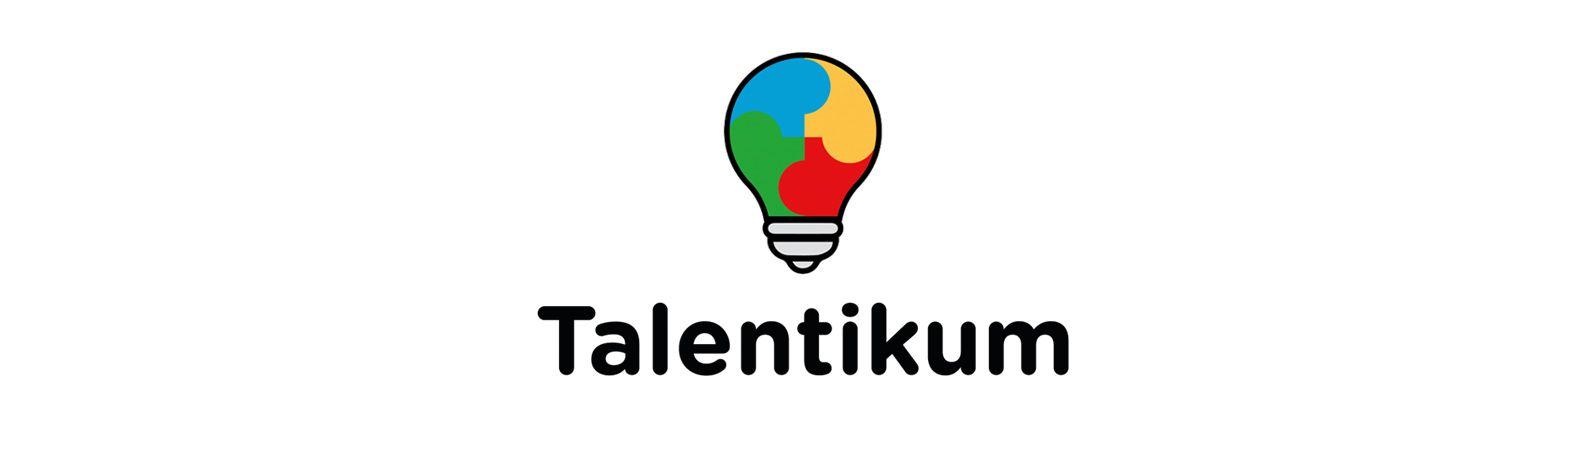 nueva app talentikum